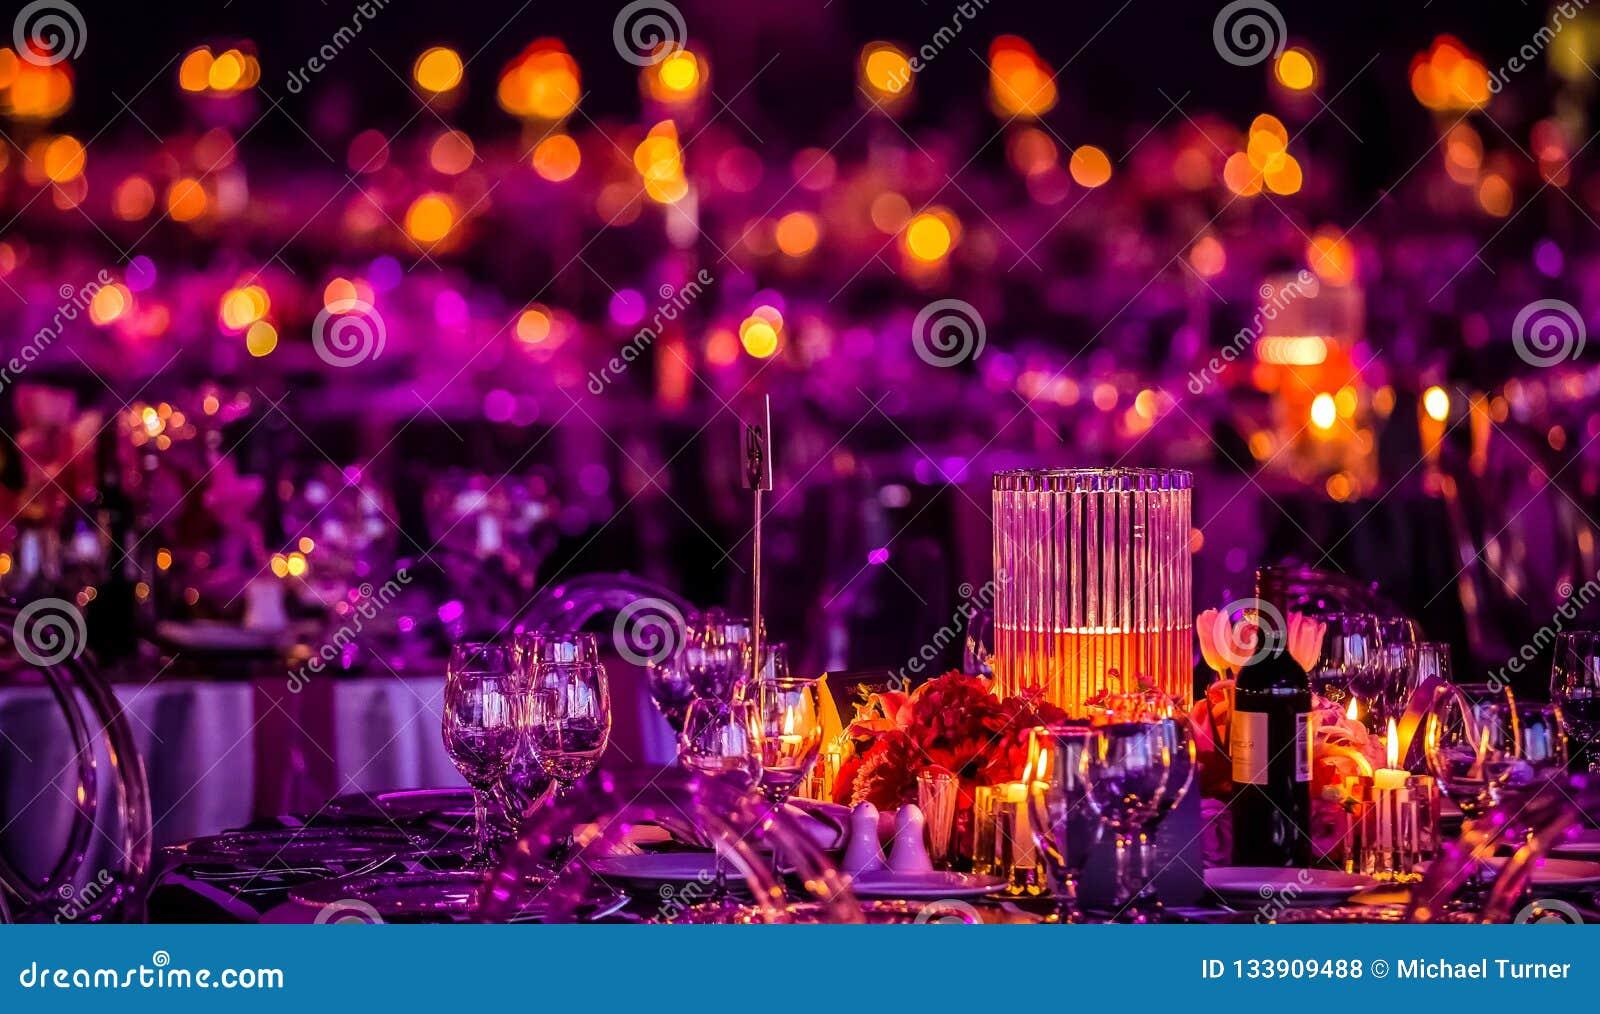 Ρόδινο και πορφυρό ντεκόρ Χριστουγέννων με τα κεριά και τους λαμπτήρες για έναν εφέστιο θεό